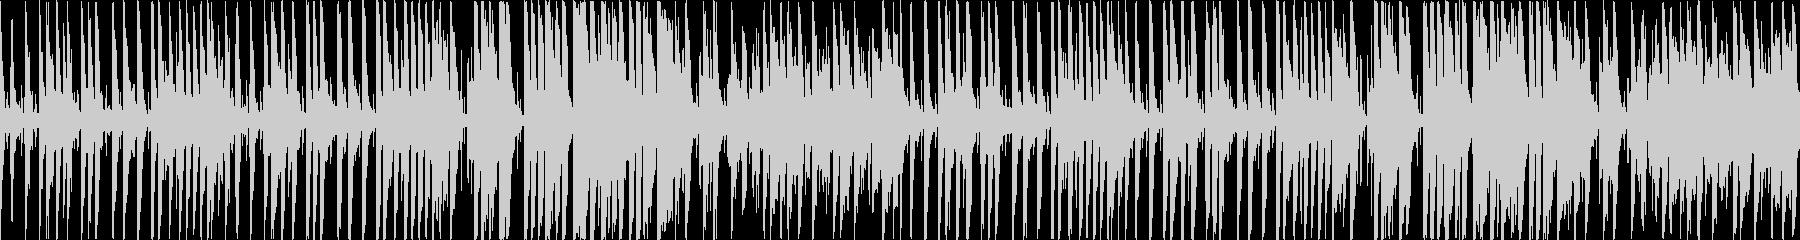 キラキラした雰囲気の温かいポップス(1尺の未再生の波形